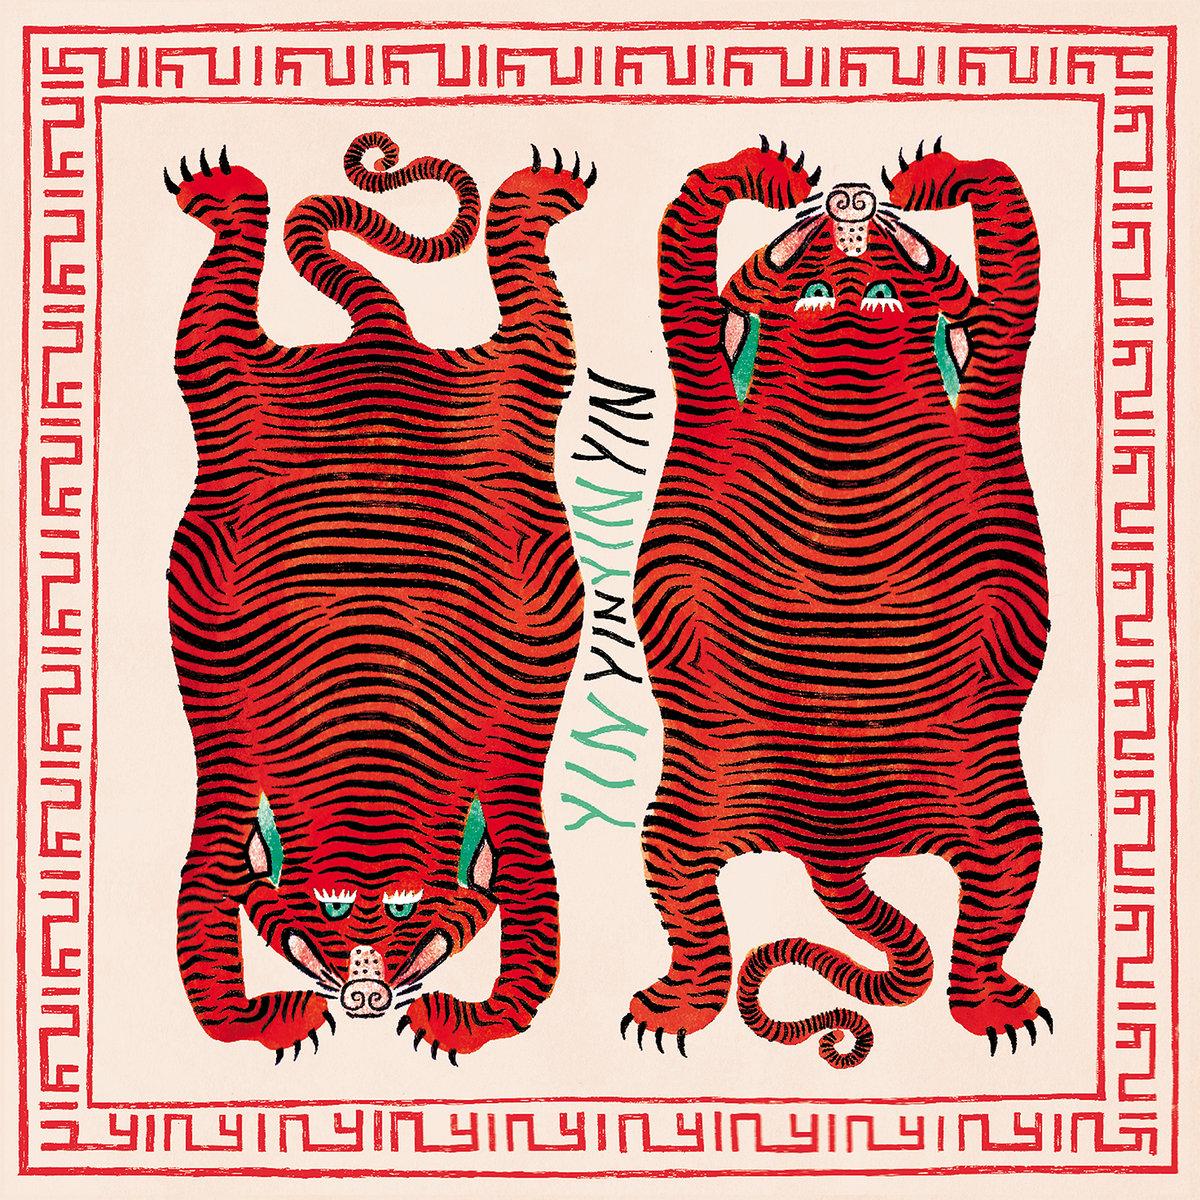 תוצאת תמונה עבור Yin Yin - The Rabbit That Hunts Tigers